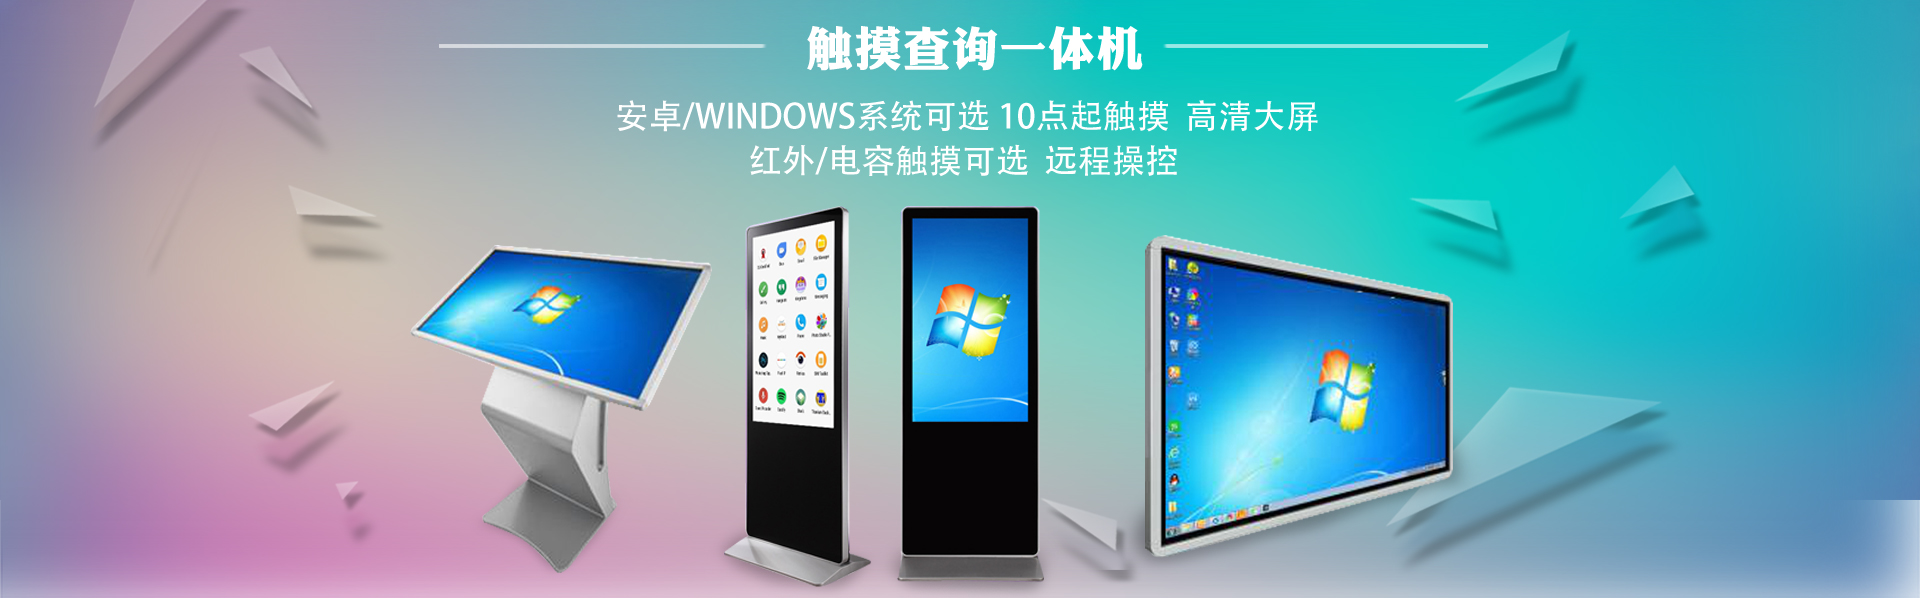 深圳市视聚科技有限公司